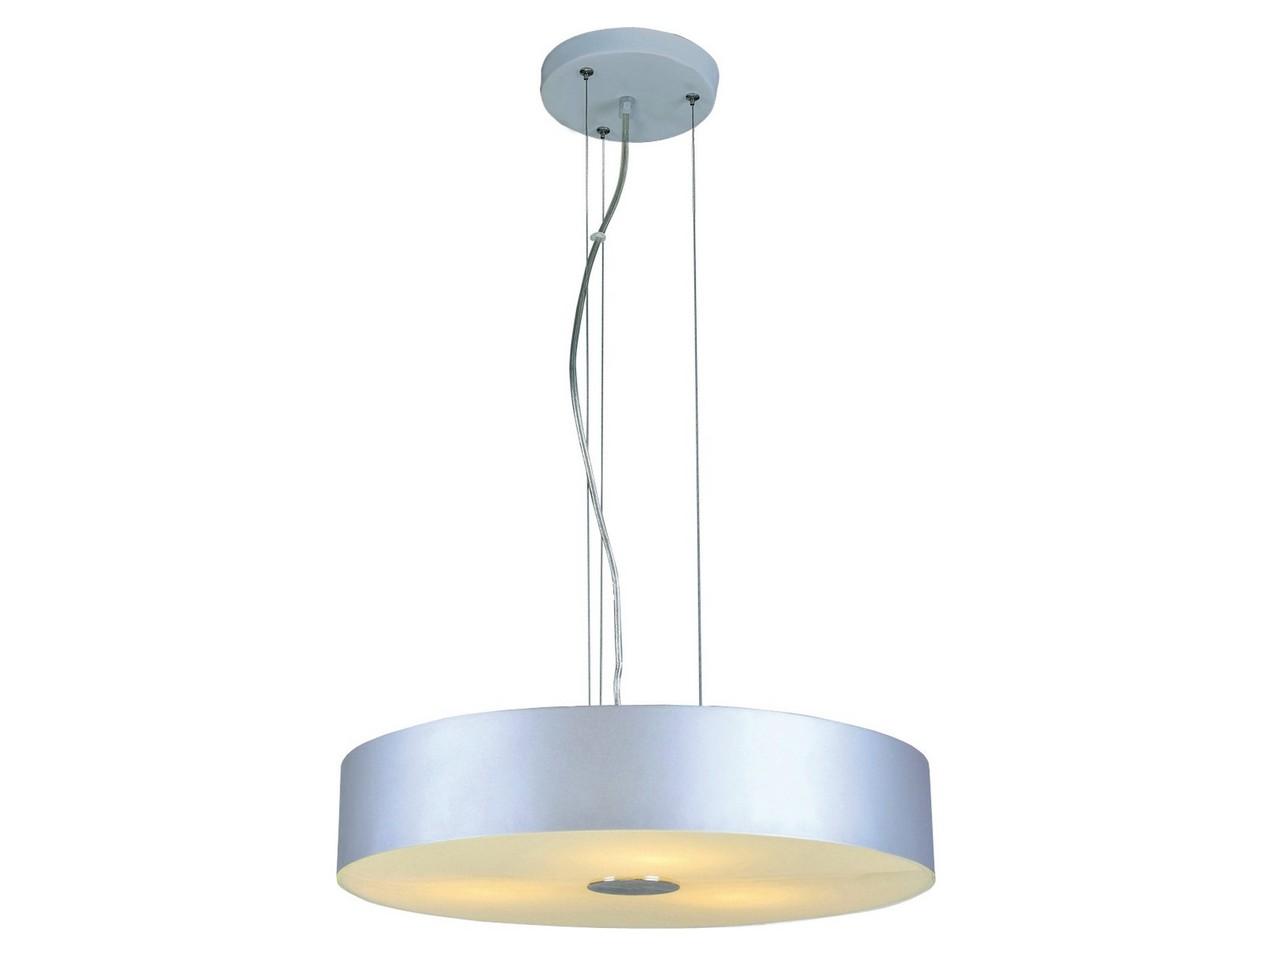 Лампа подвесная Roda SrebrnaПодвесные светильники<br>&amp;lt;div&amp;gt;Вид цоколя: Е27&amp;lt;/div&amp;gt;&amp;lt;div&amp;gt;Мощность лампы: 60W&amp;lt;/div&amp;gt;&amp;lt;div&amp;gt;Количество ламп: 3&amp;lt;/div&amp;gt;&amp;lt;div&amp;gt;Наличие ламп: нет&amp;amp;nbsp;&amp;lt;/div&amp;gt;<br><br>Material: Стекло<br>Высота см: 100